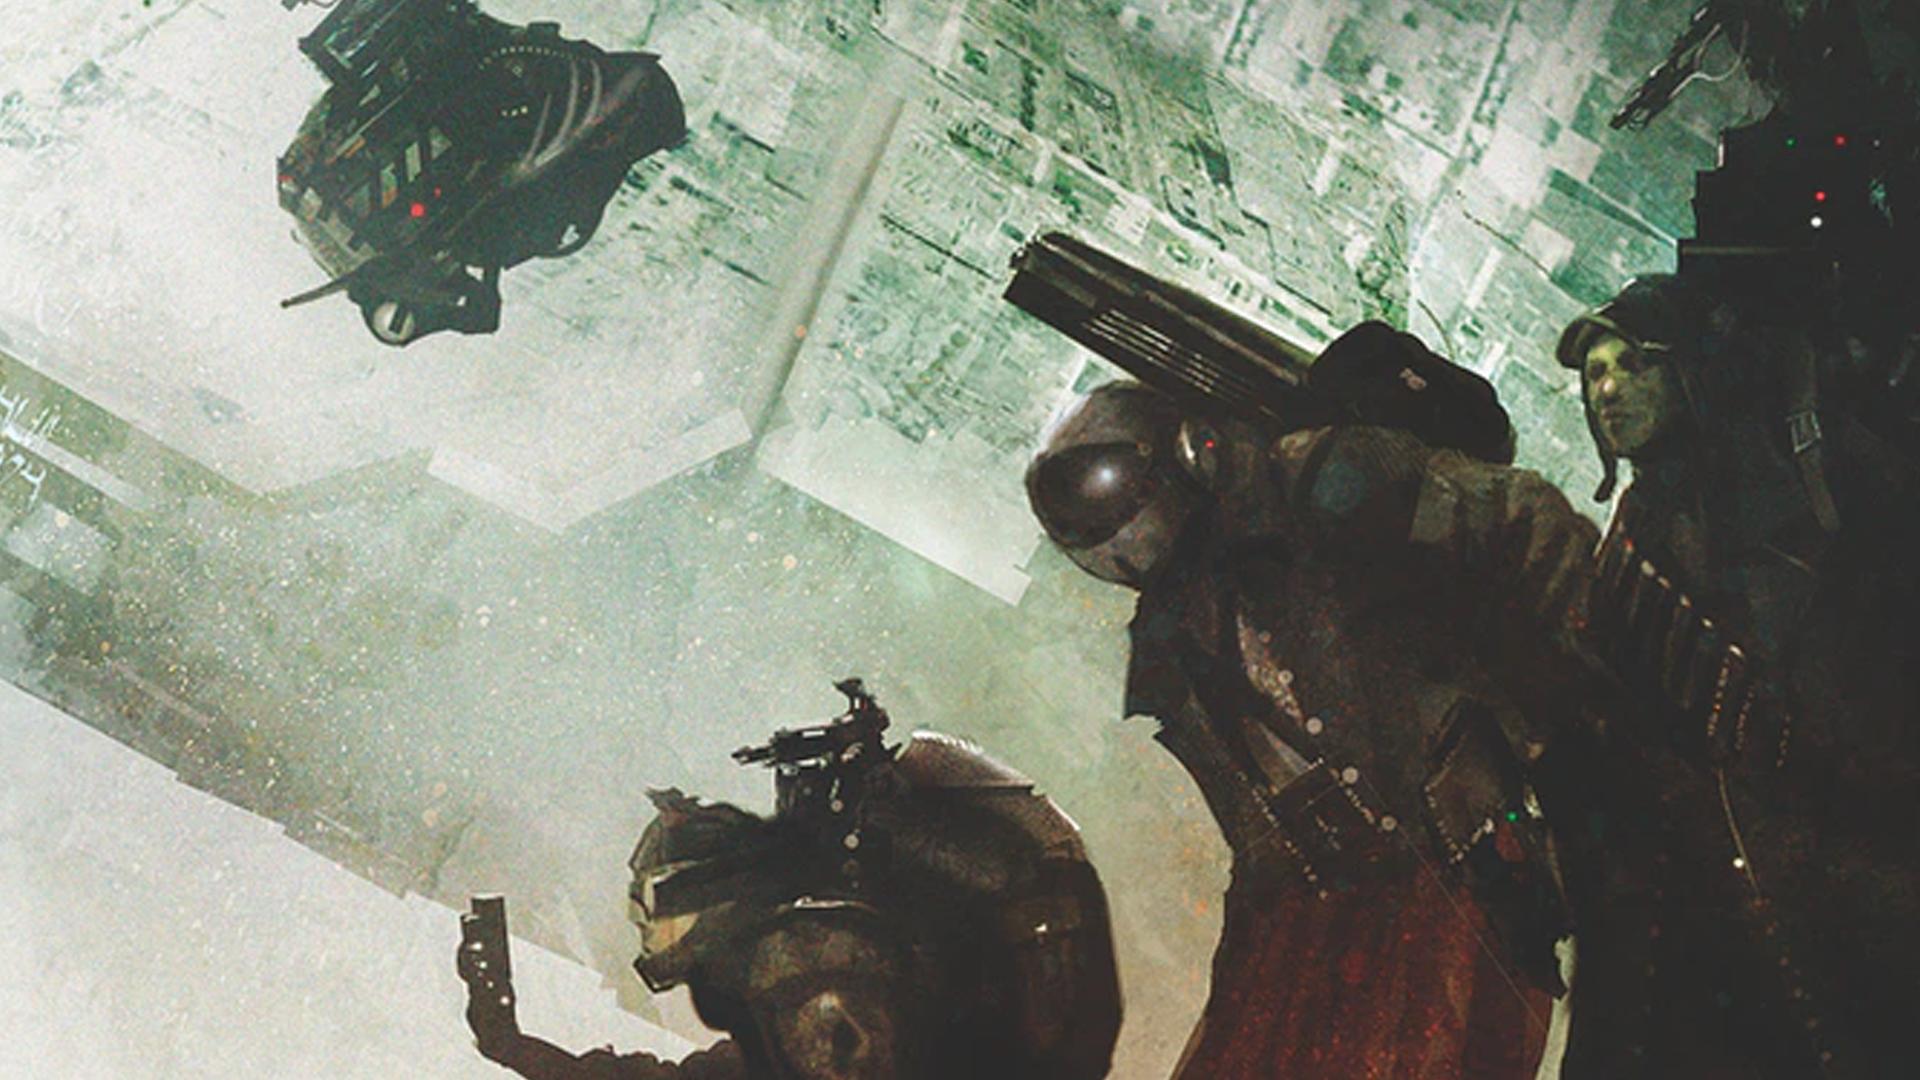 Coriolis RPG artwork